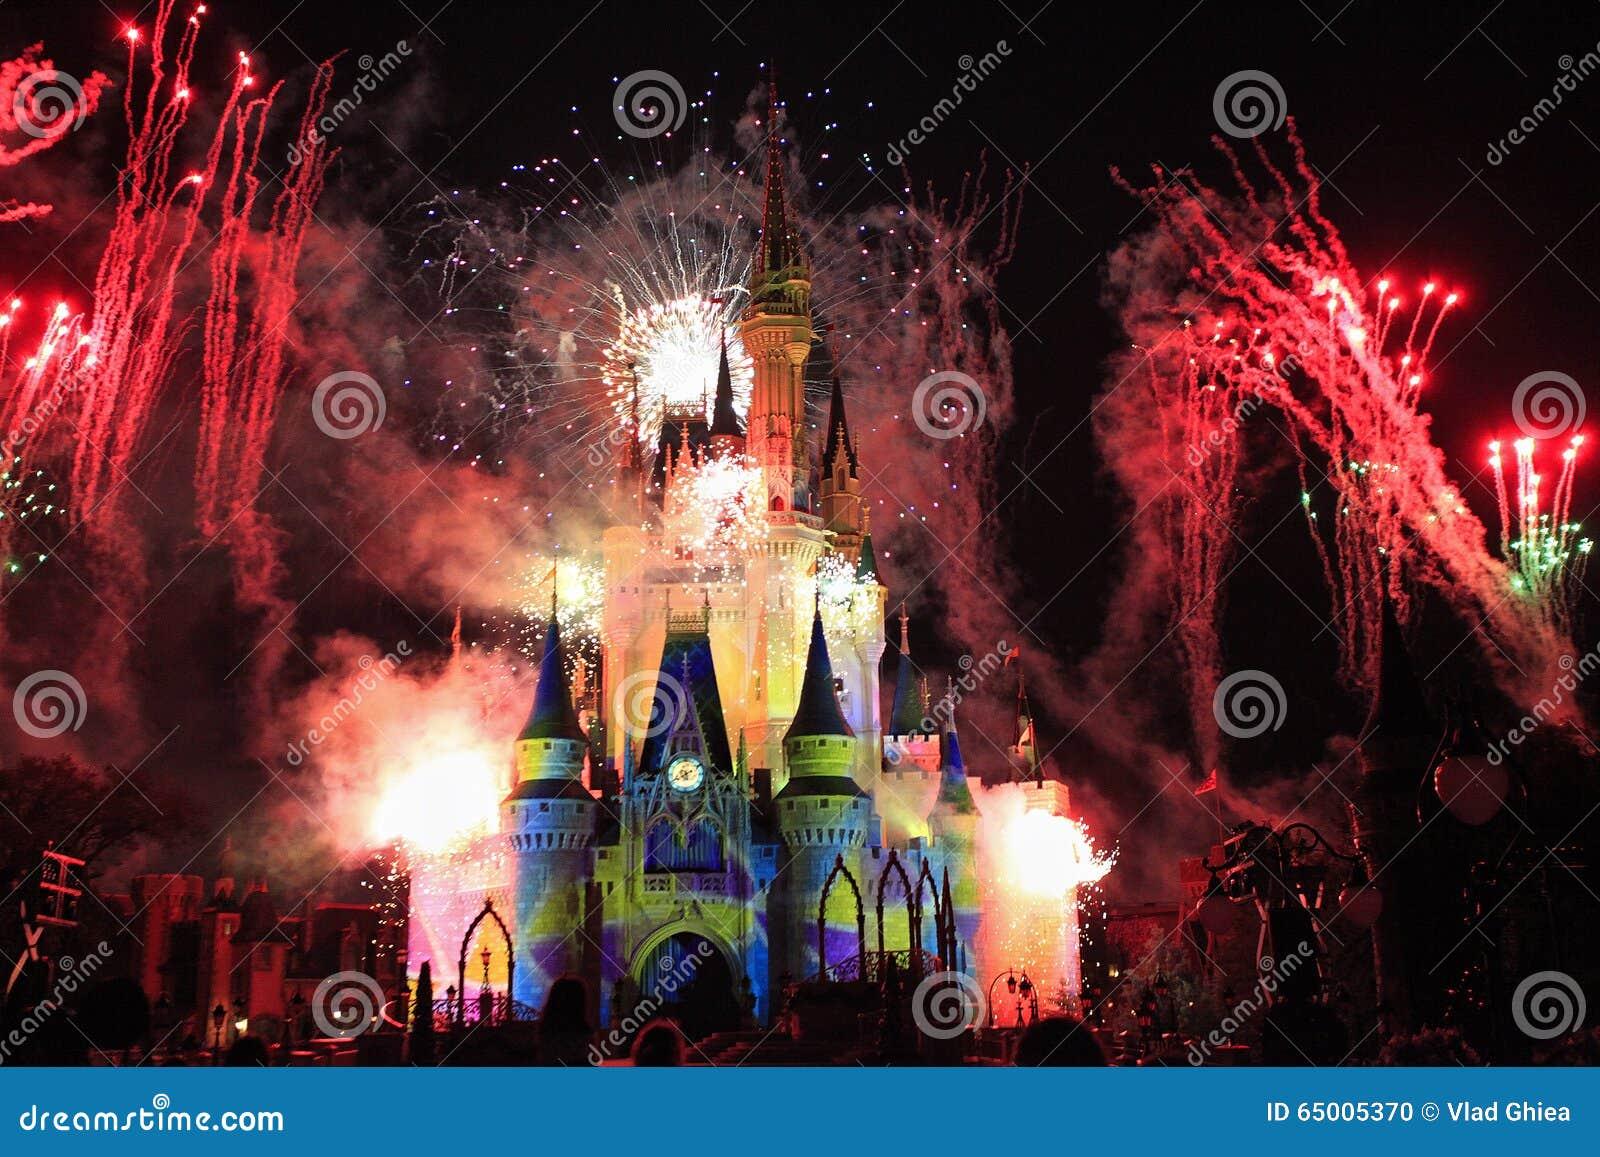 在晚上被照亮的灰姑娘城堡由烟花,不可思议的王国,迪斯尼